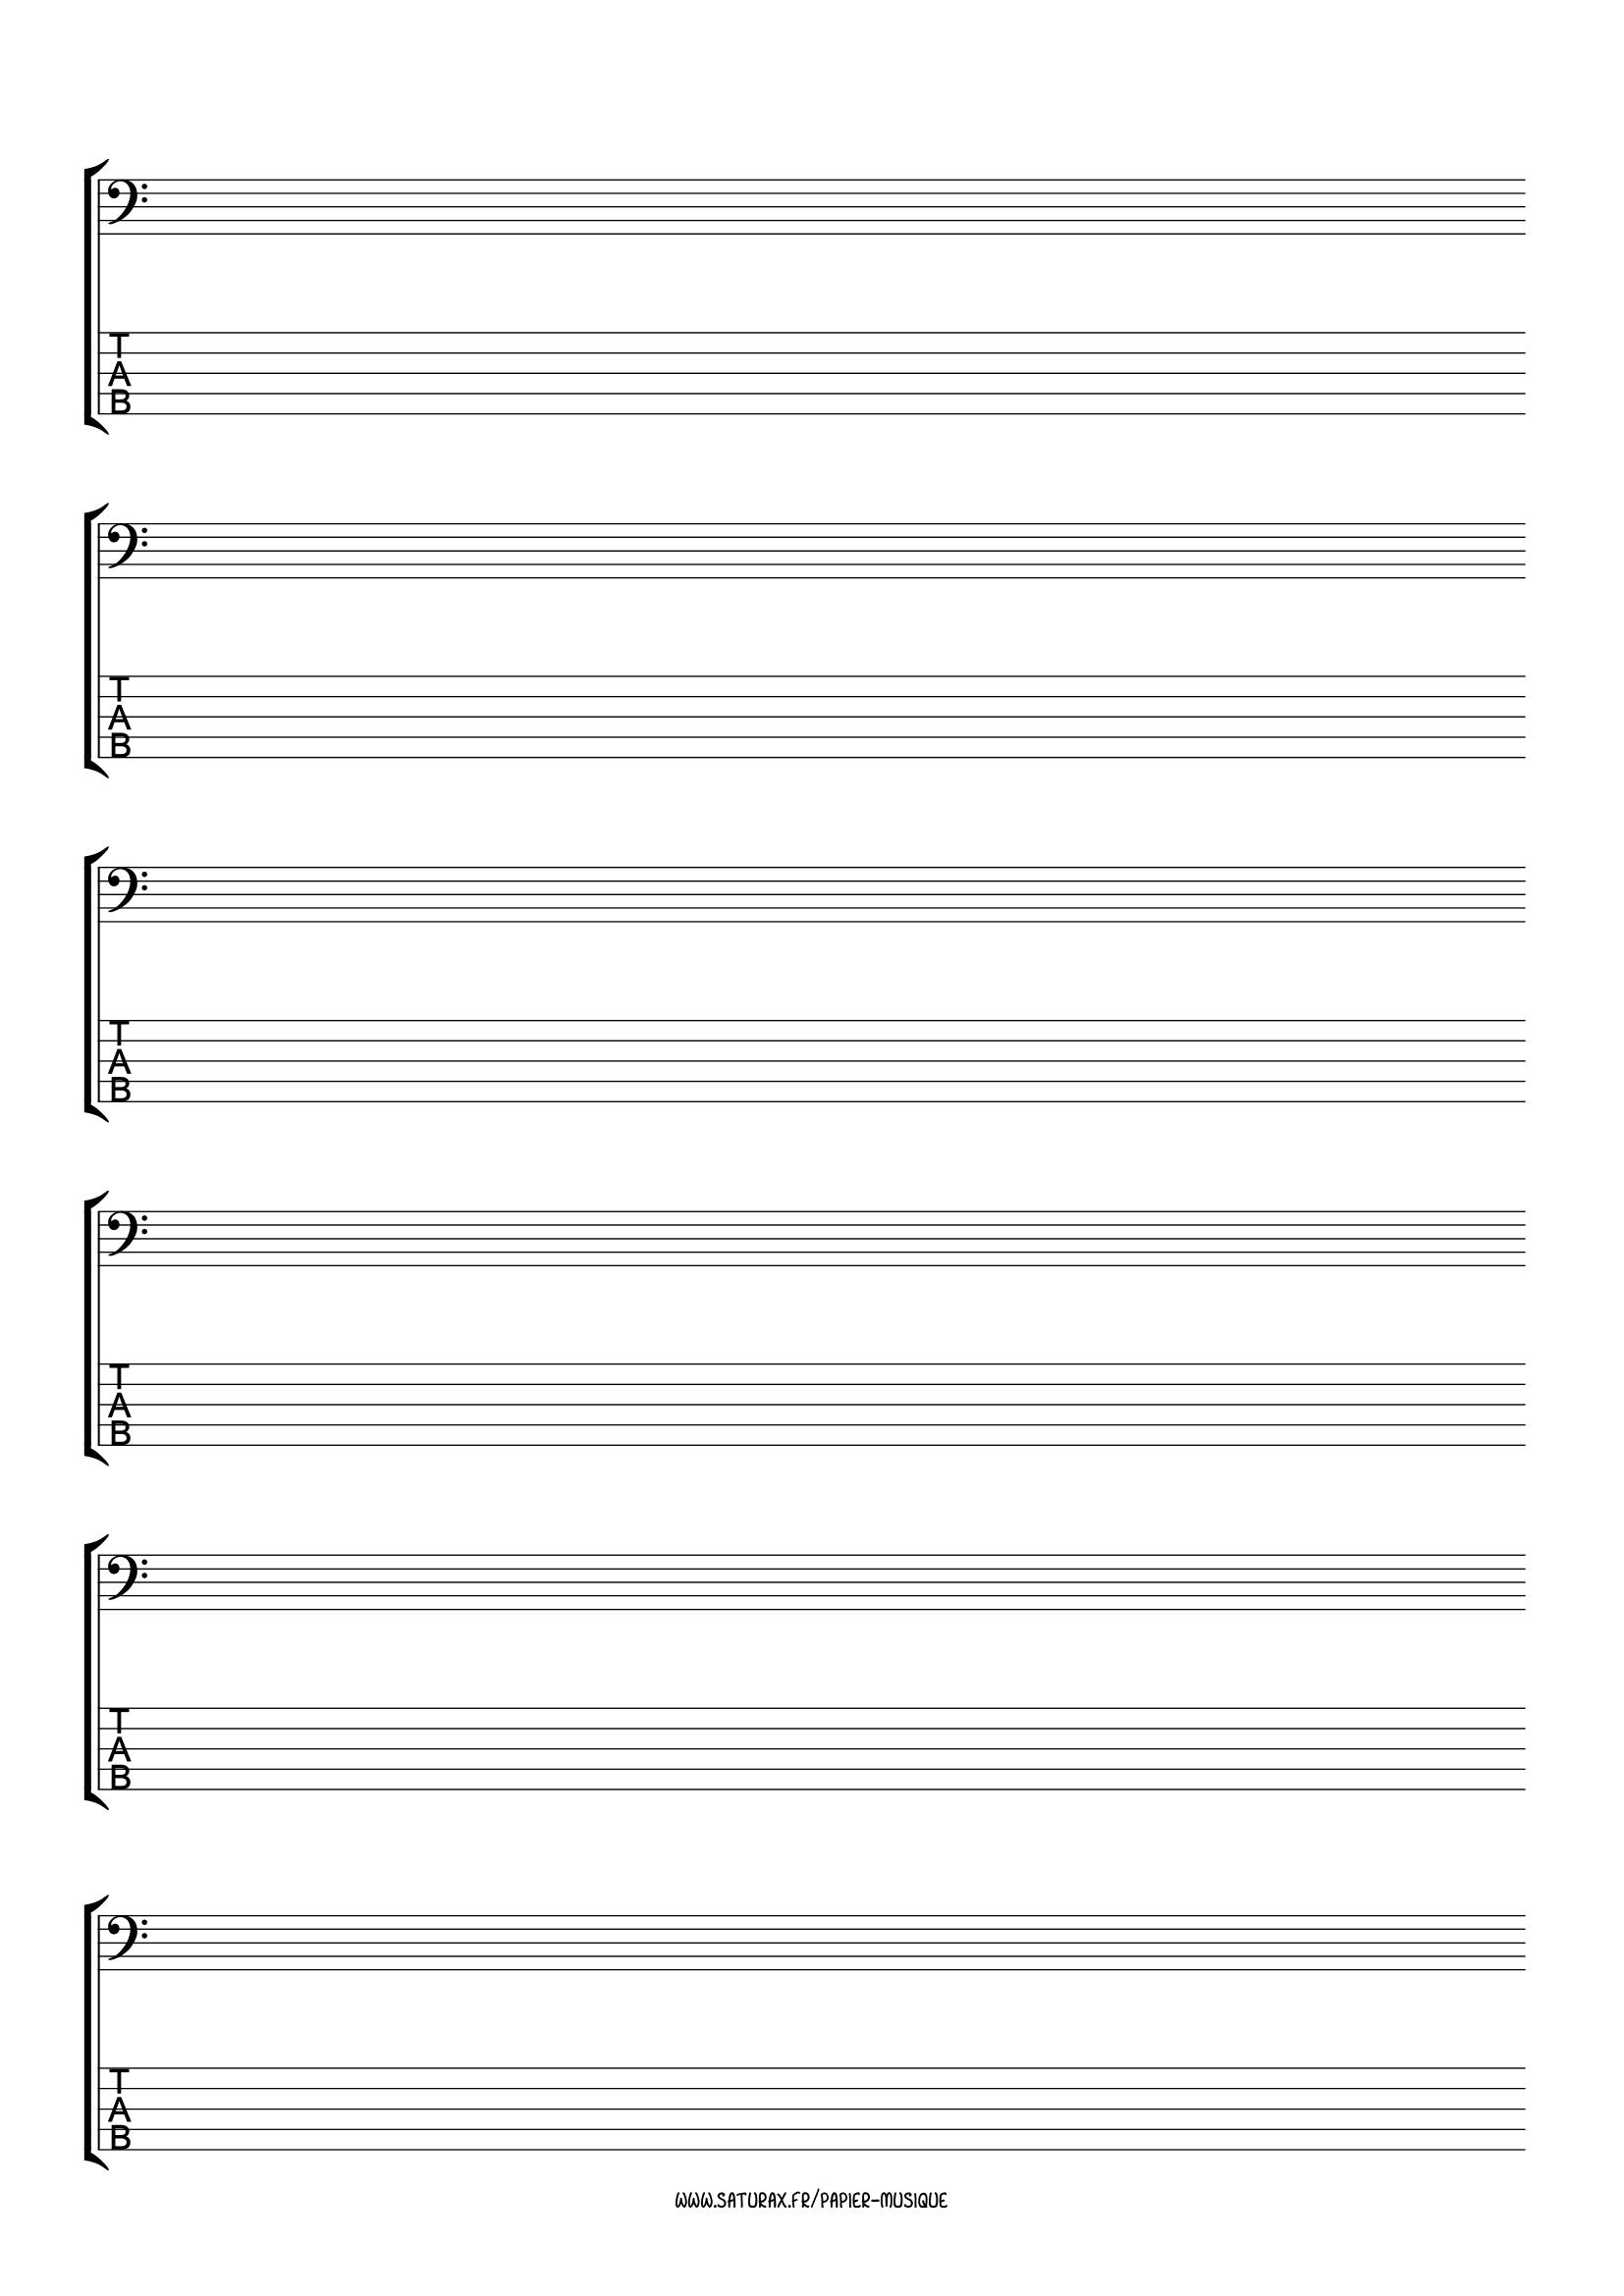 papier musique gratuit download pdf tablature basse 5 cordes portée